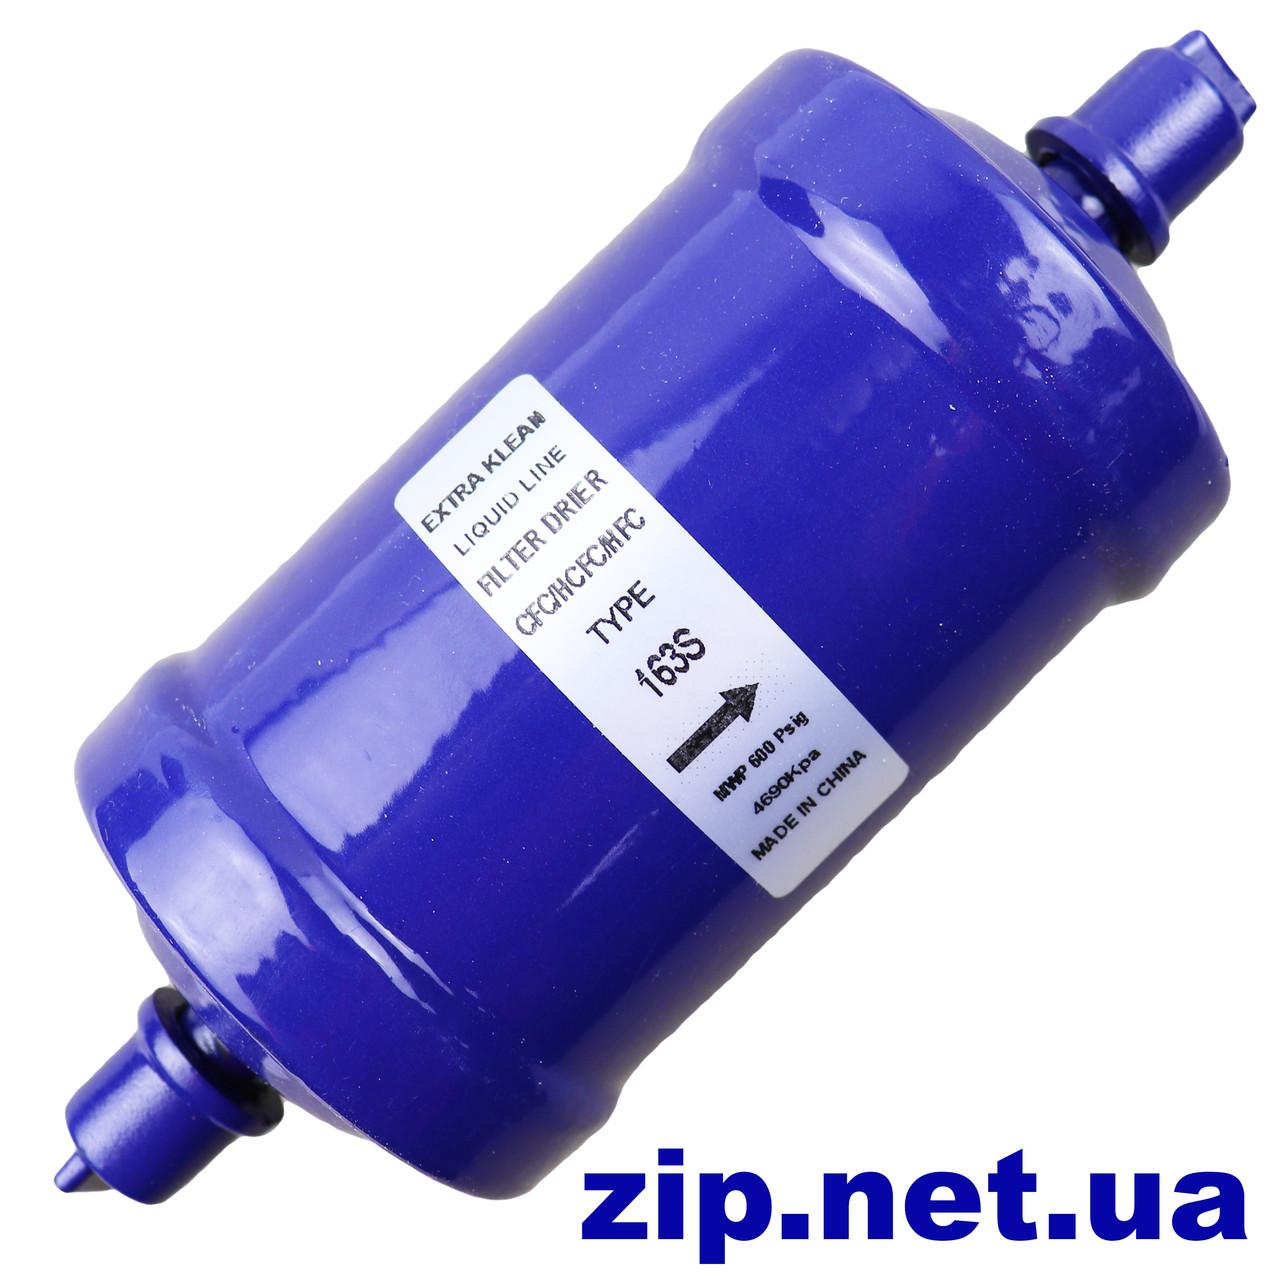 Фильтр-осушитель 3/8 пайка 163 S